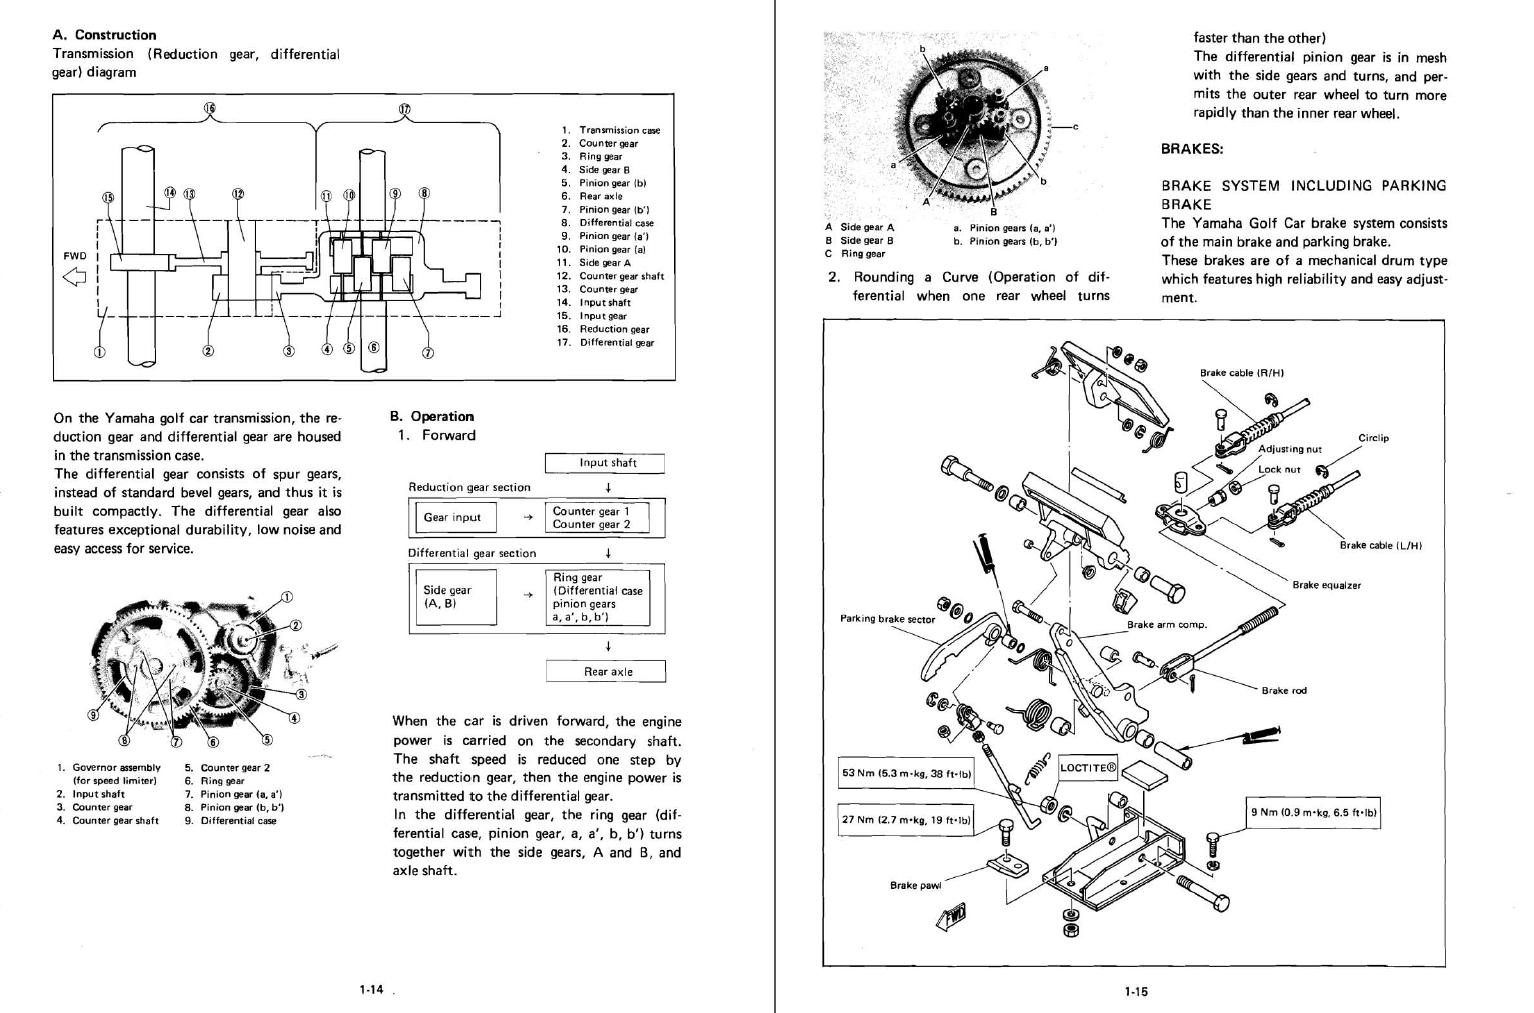 Yamaha G1 Golf Car Service Manual Lit 03 27